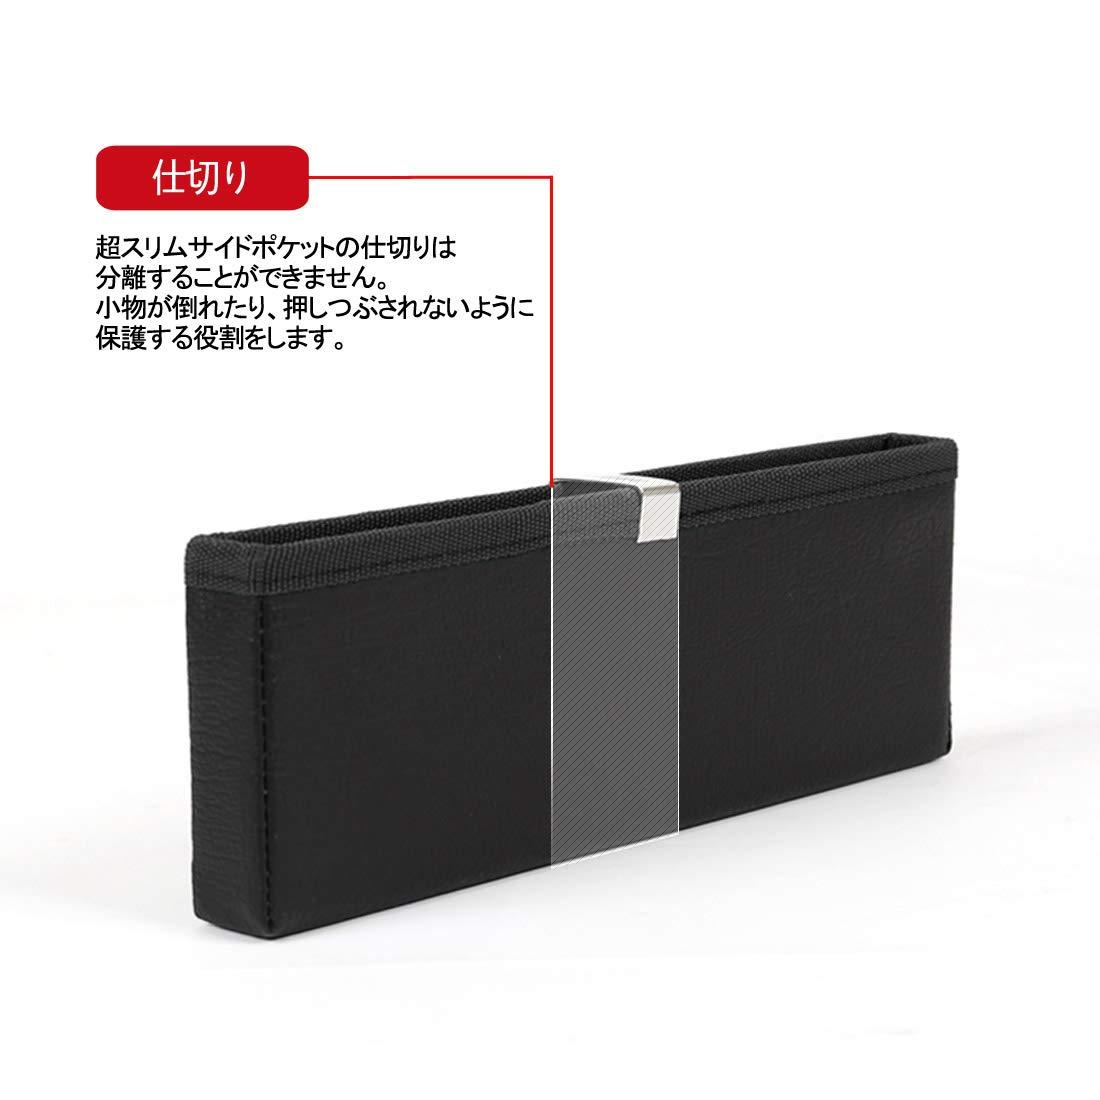 poches de voiture organisateur de si/ège de voiture de c/ôt/é KMMOTORS Ultra Slim Side Pocket noir